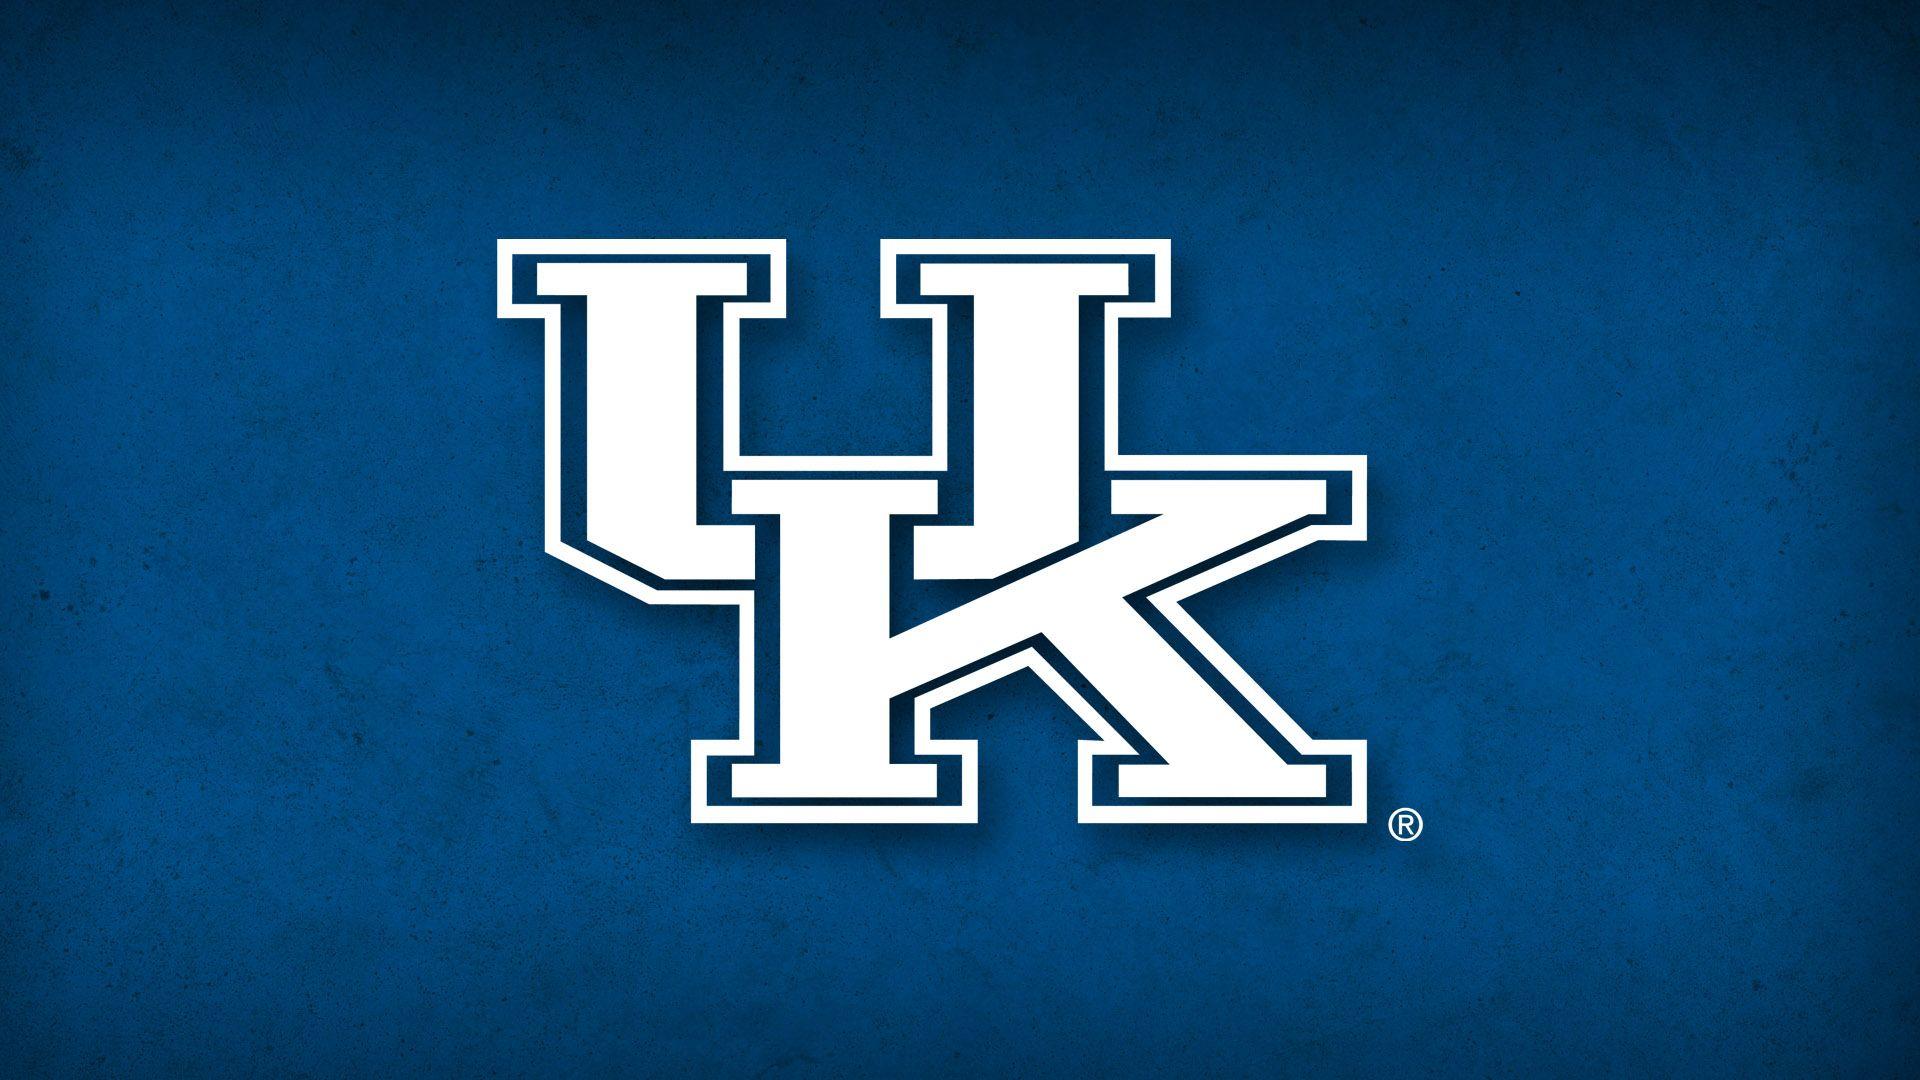 Kentucky Basketball wallpaper picture